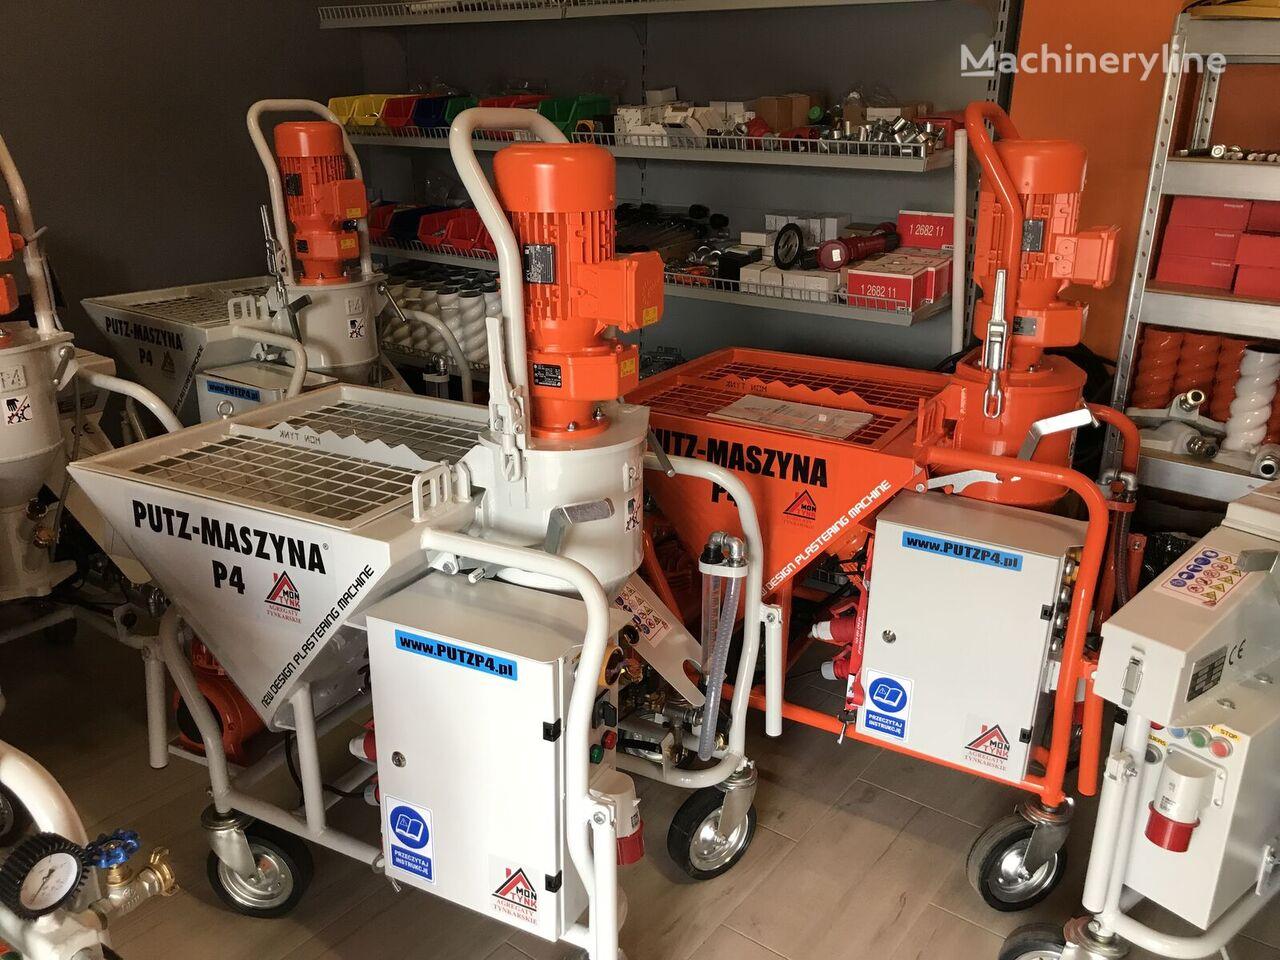 PUTZ MASZYNA P4 plastering machine